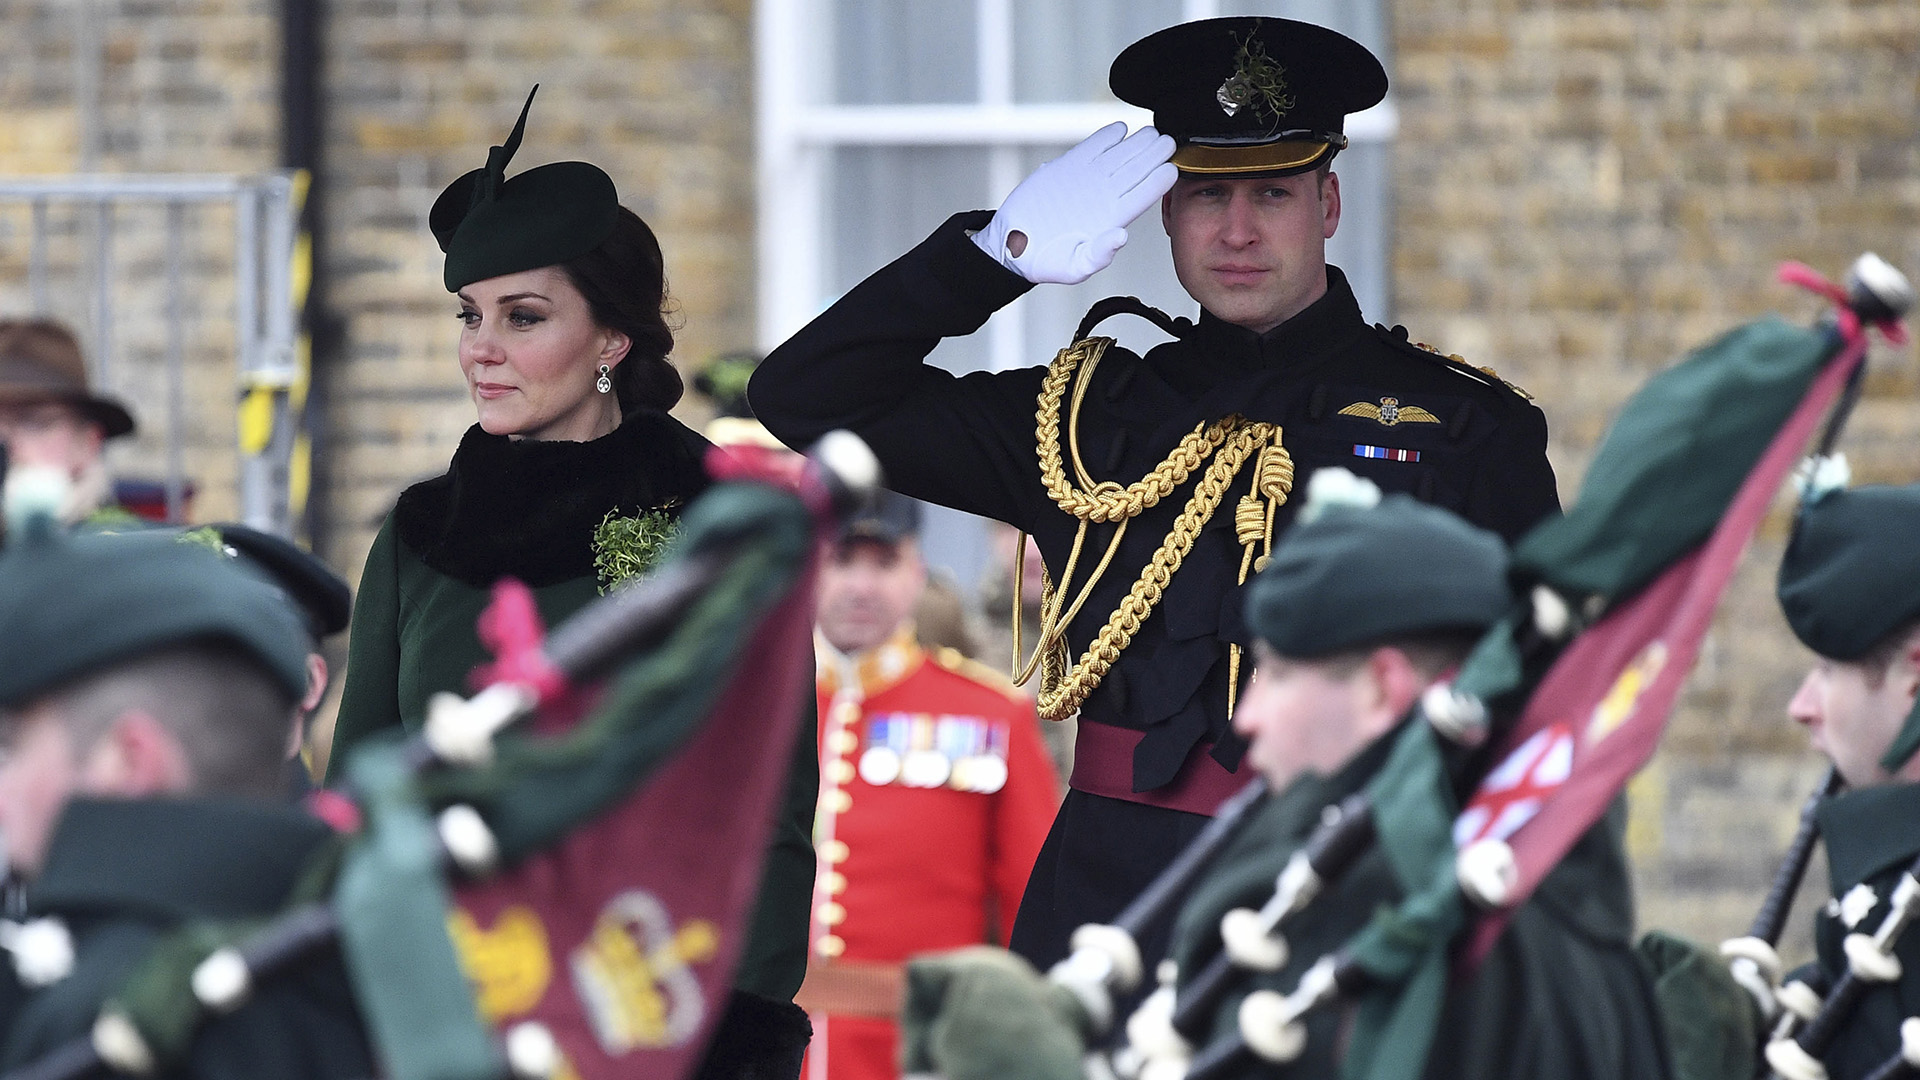 El príncipe con su vestimenta protocolar para los actos festivos a cargo de la guardia irlandesa